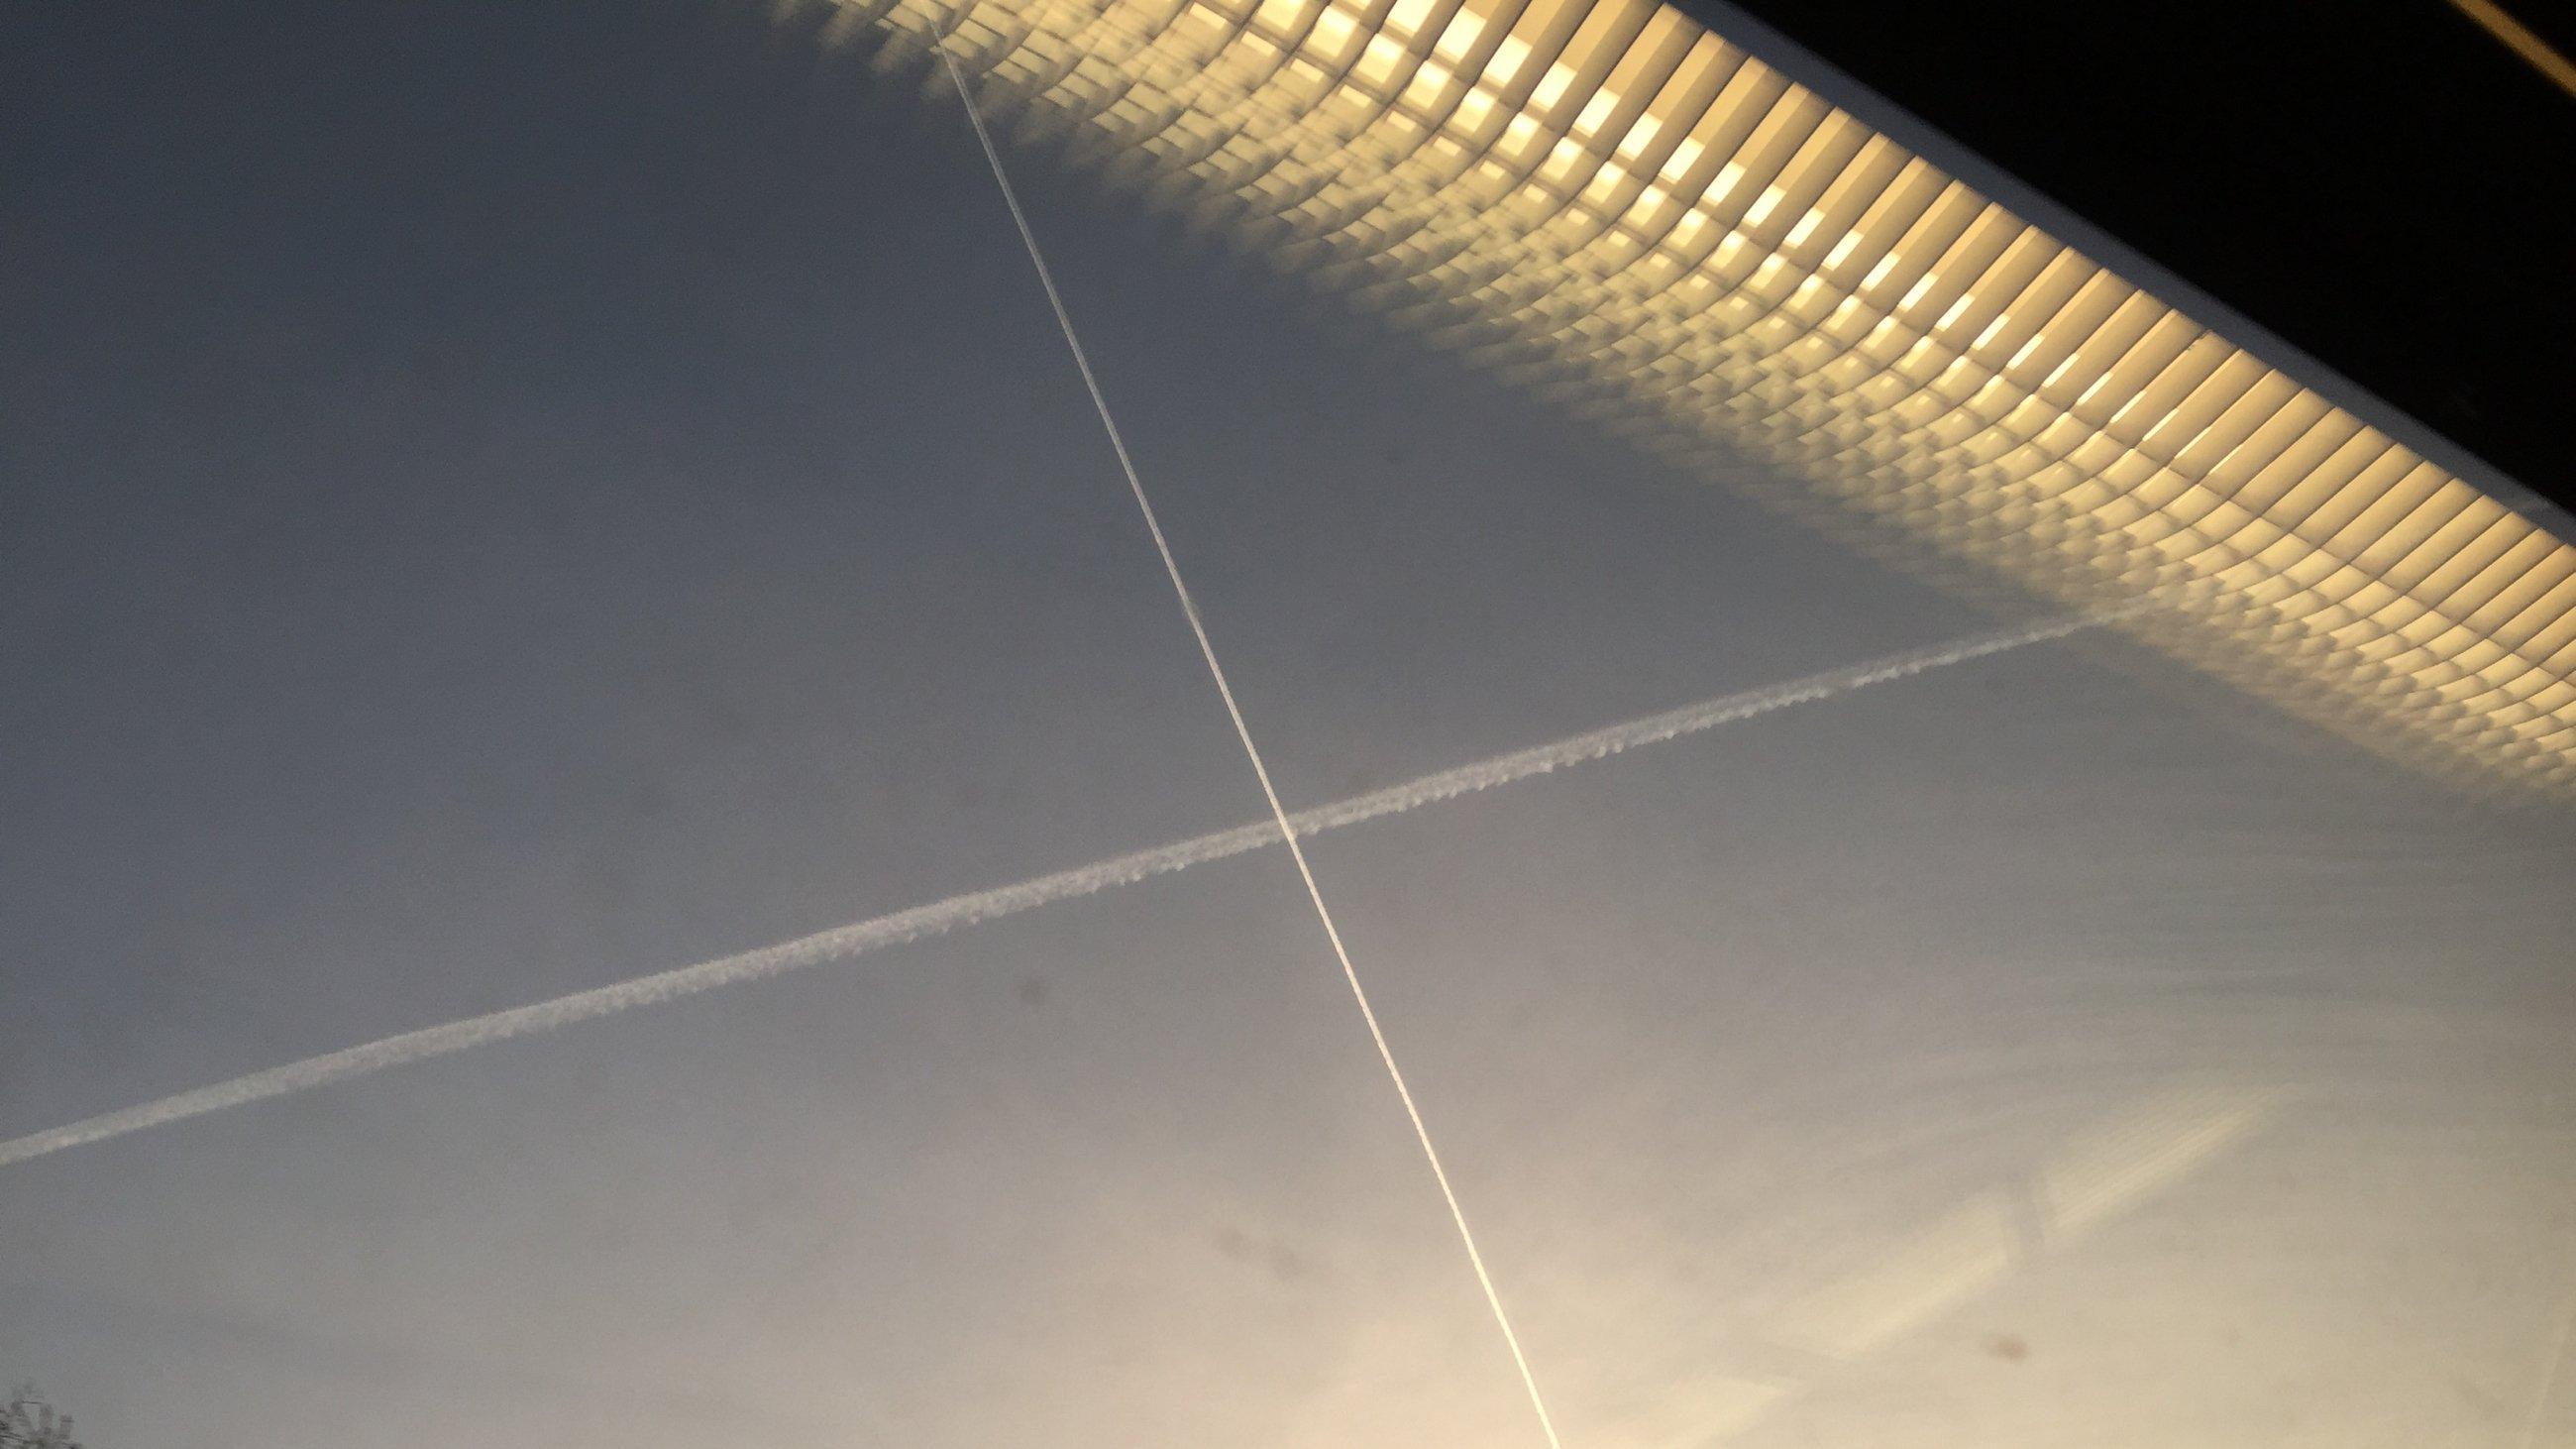 Kondensstreifen am Himmel durch ein Fenster fotografiert